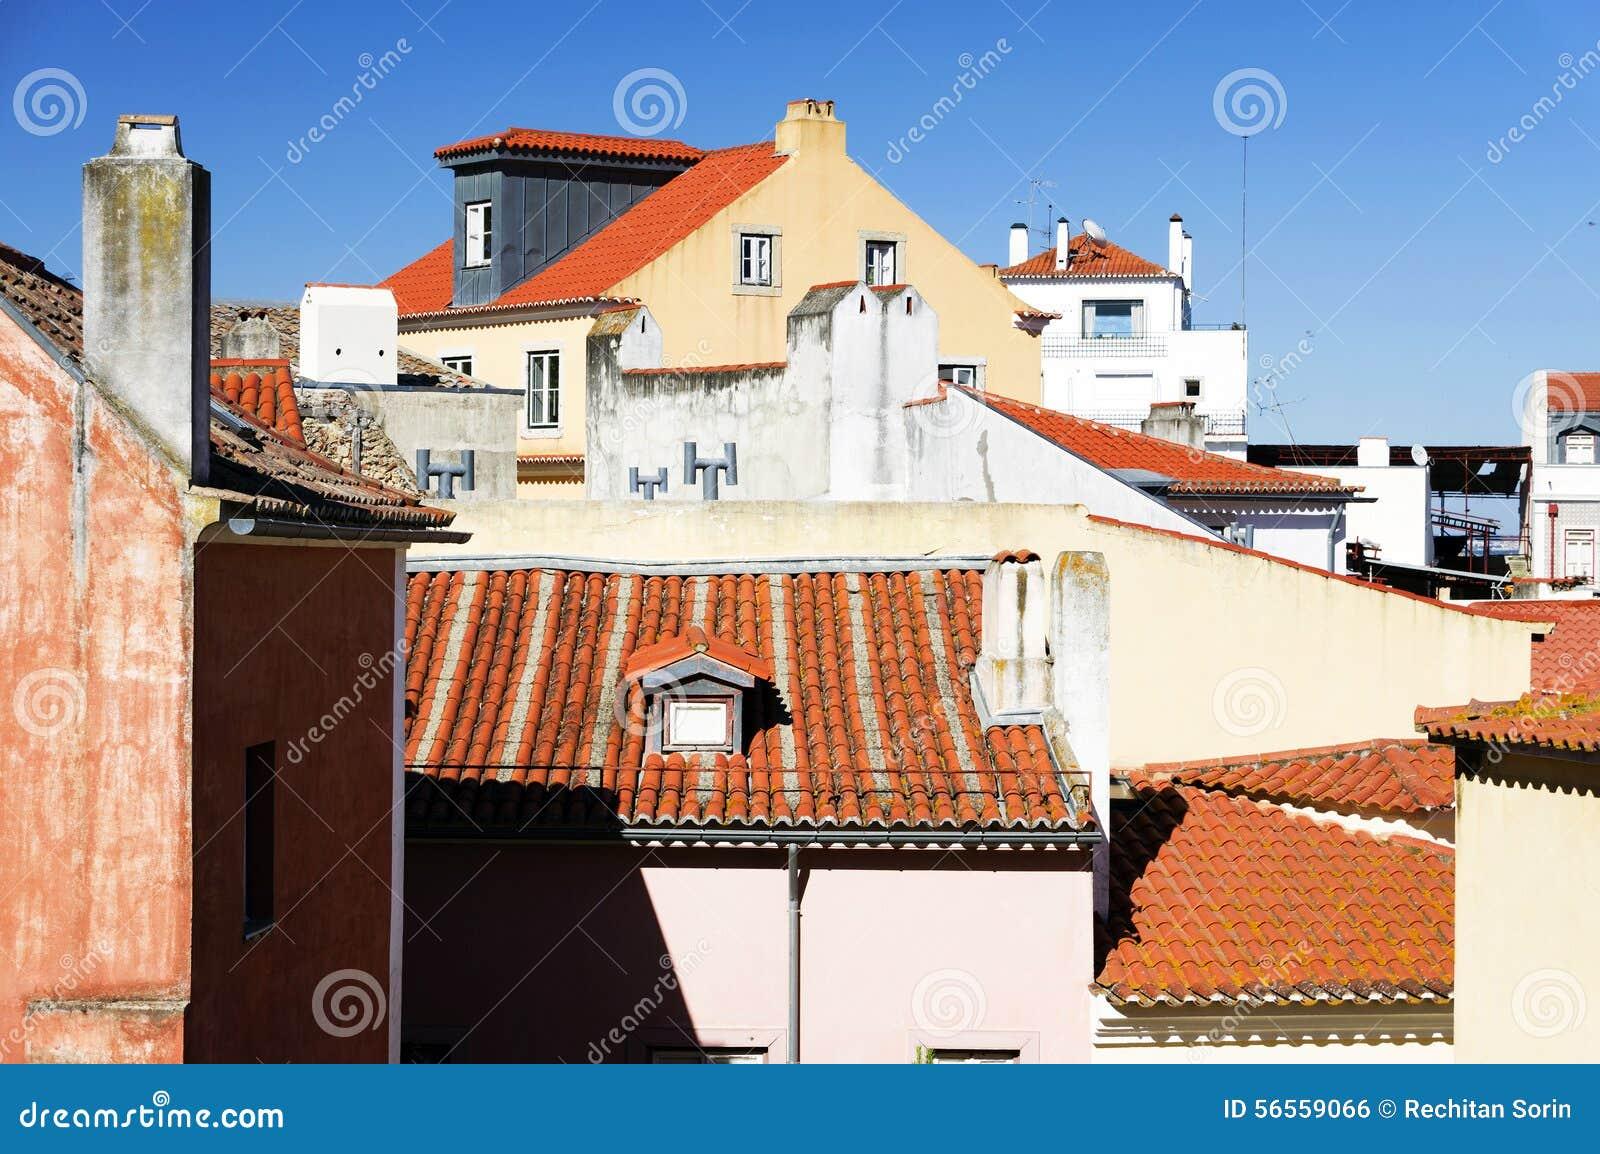 Download Αρχιτεκτονική λεπτομέρεια στη Λισσαβώνα Στοκ Εικόνες - εικόνα από διάσημος, πορτογαλία: 56559066